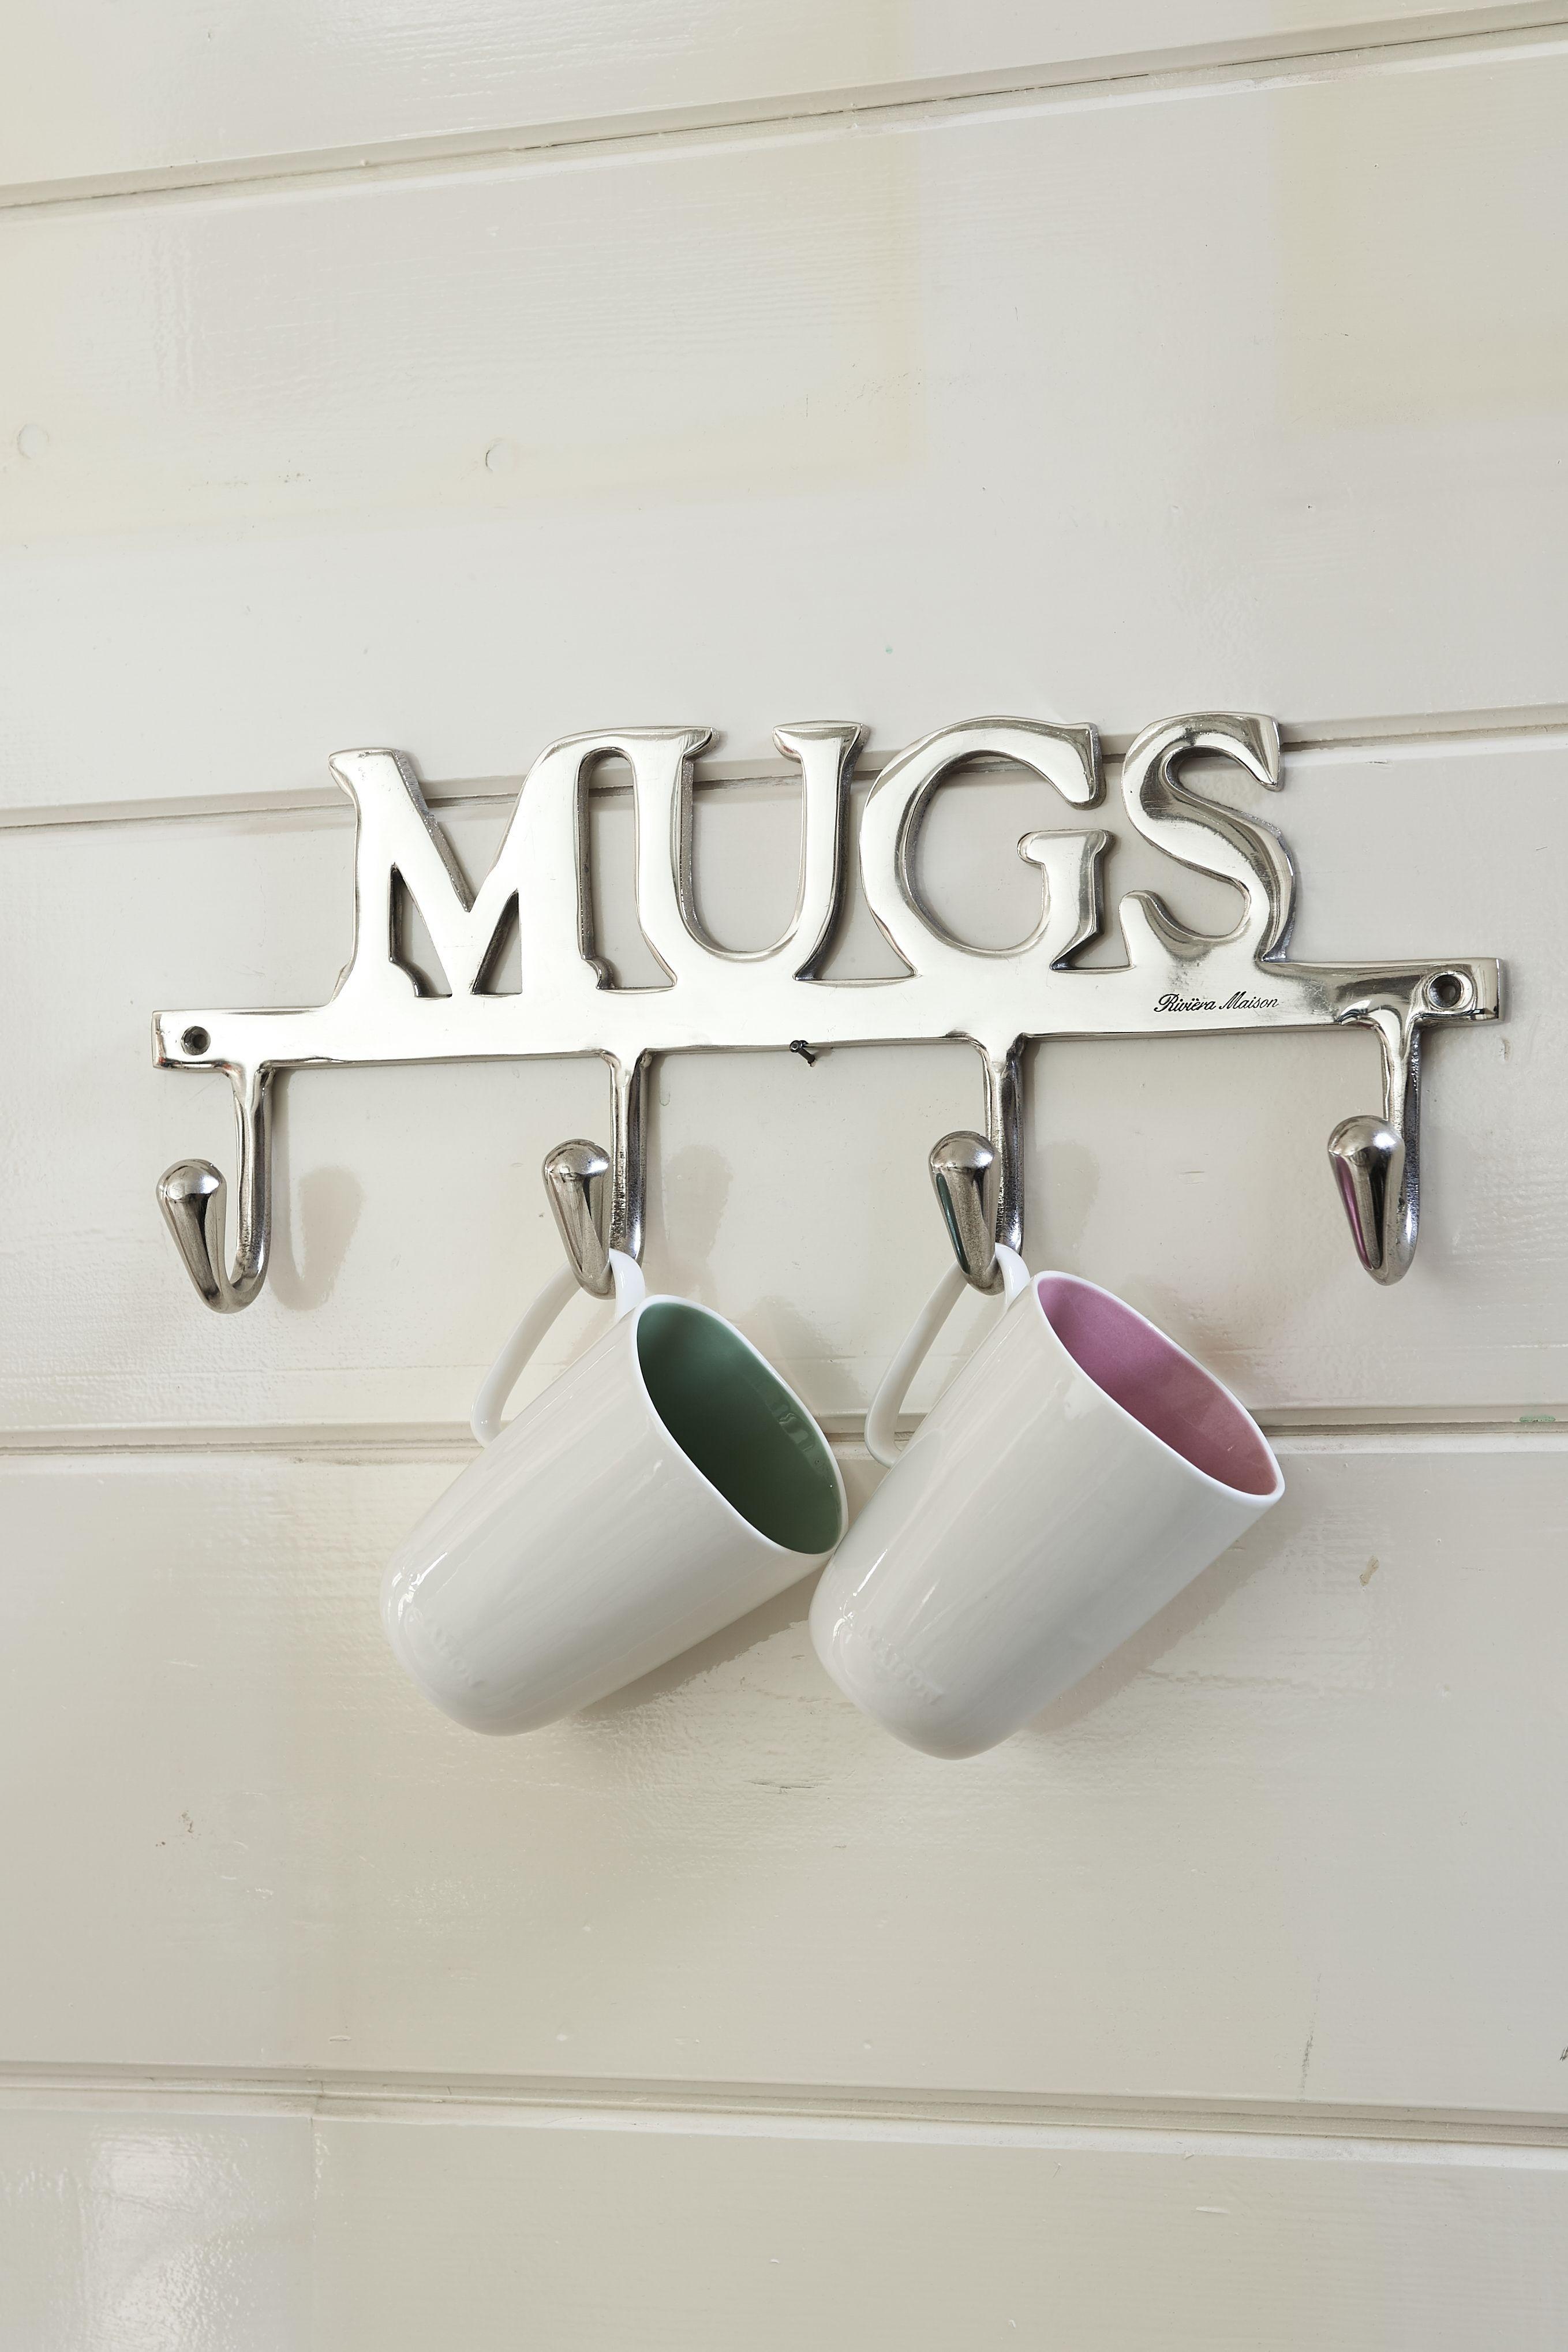 Věšák Mugs Cupholder